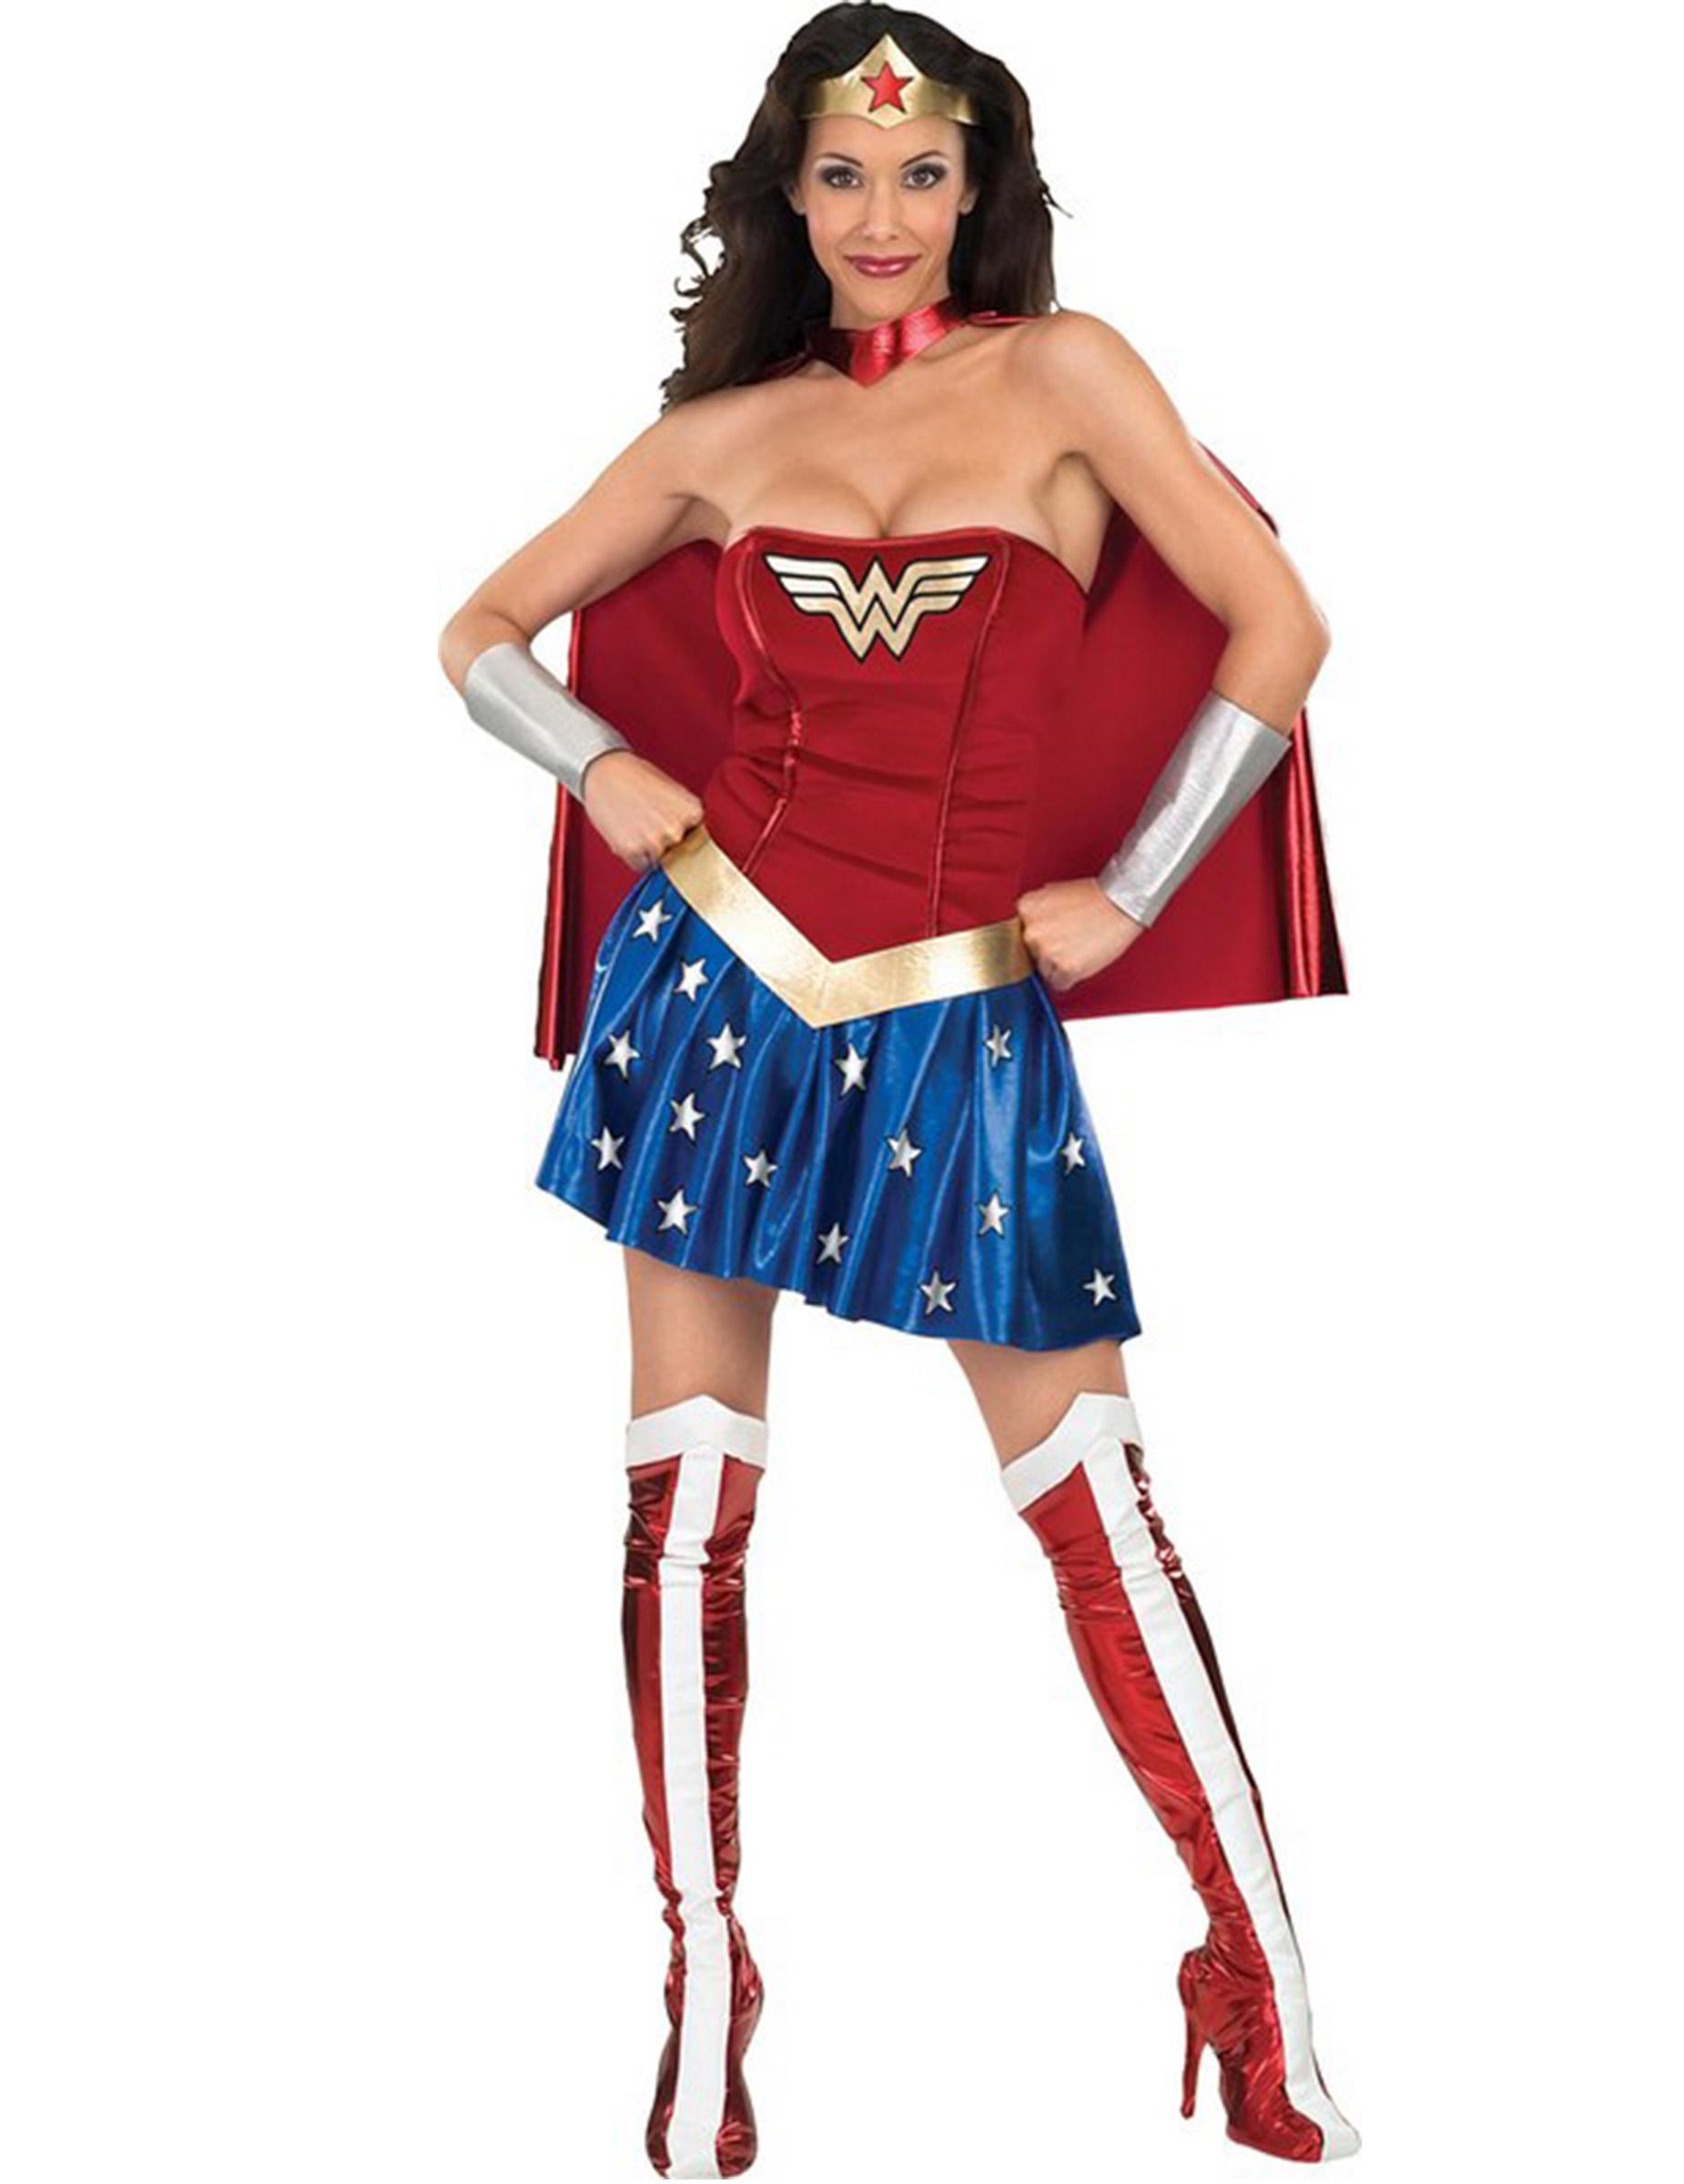 Wonder woman deguisement femme